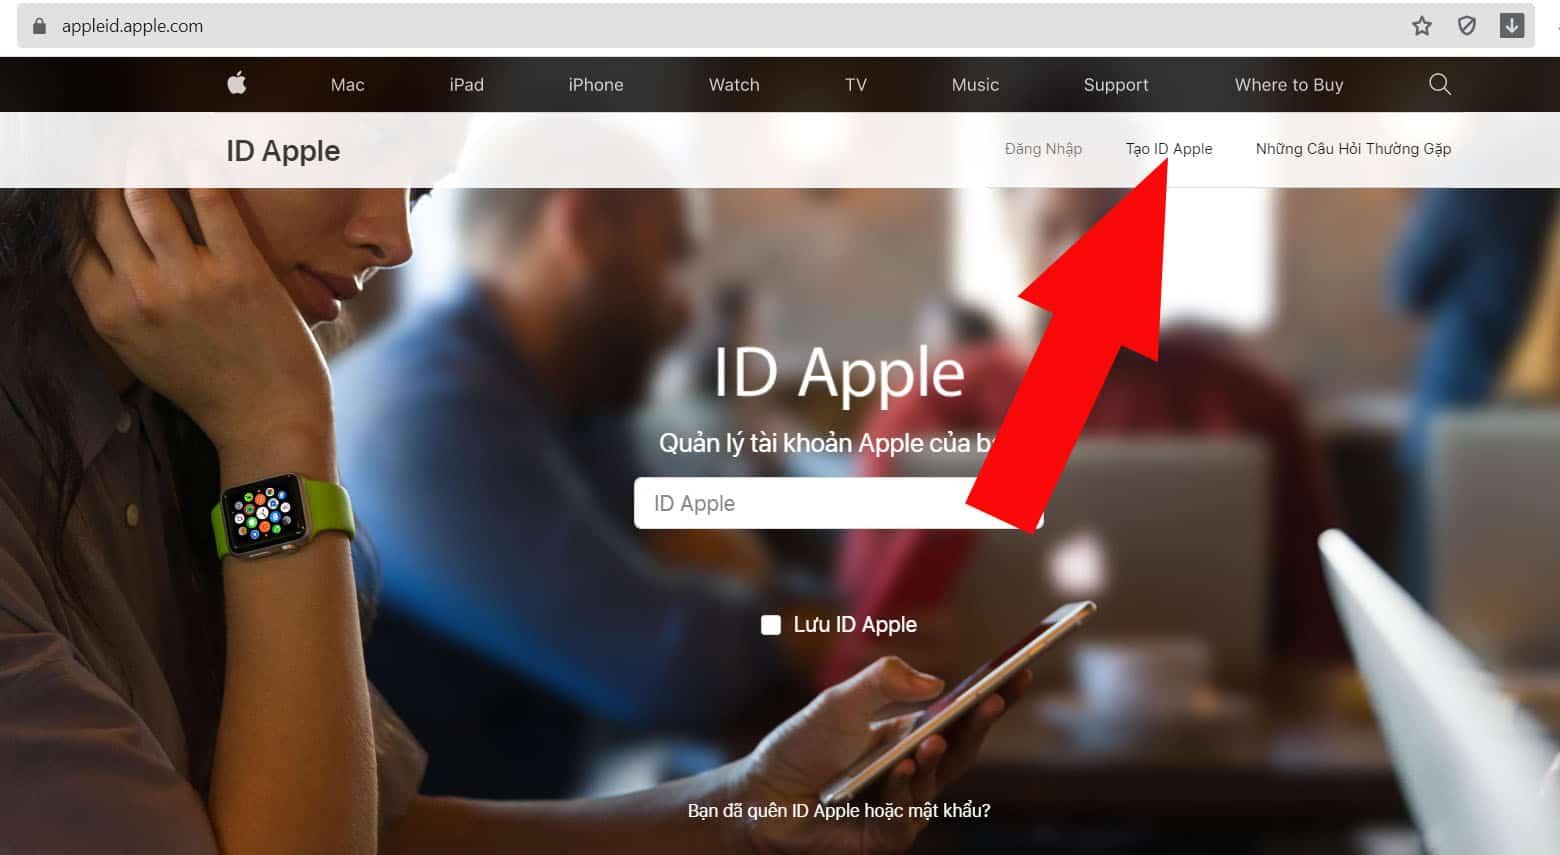 Tạo ID Apple